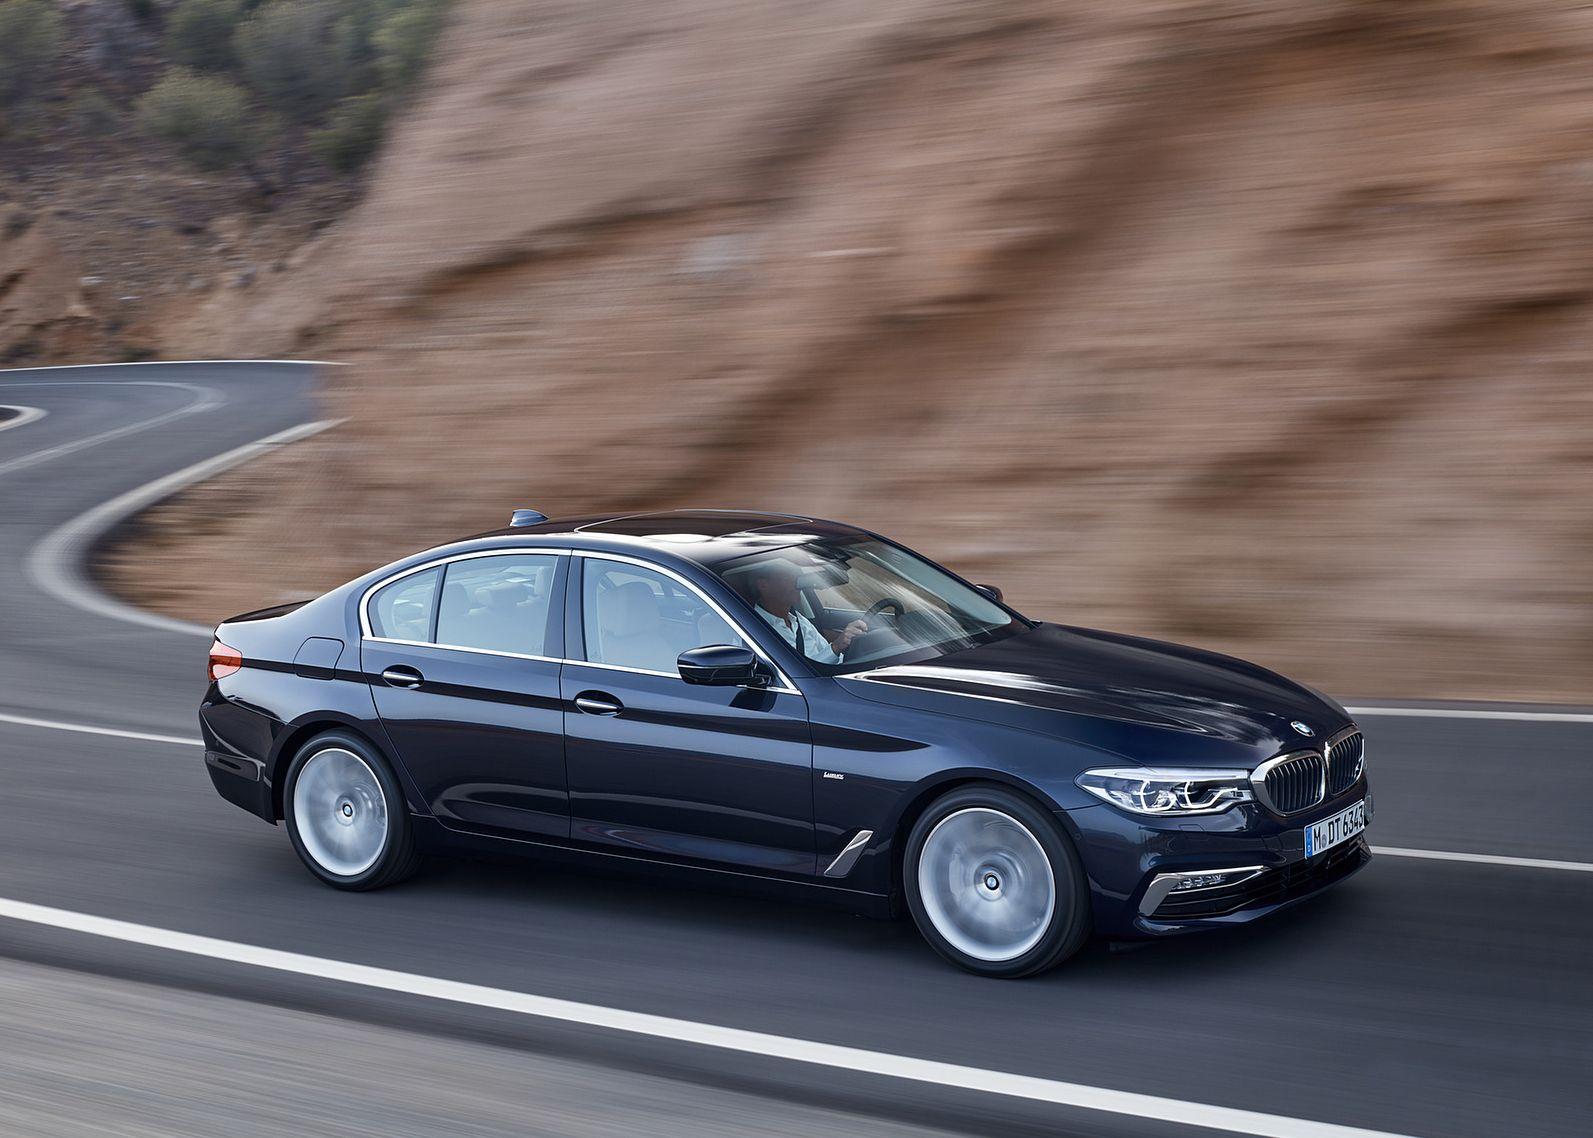 530 bmw 1 - BMW SERIES 5 530d Business Auto